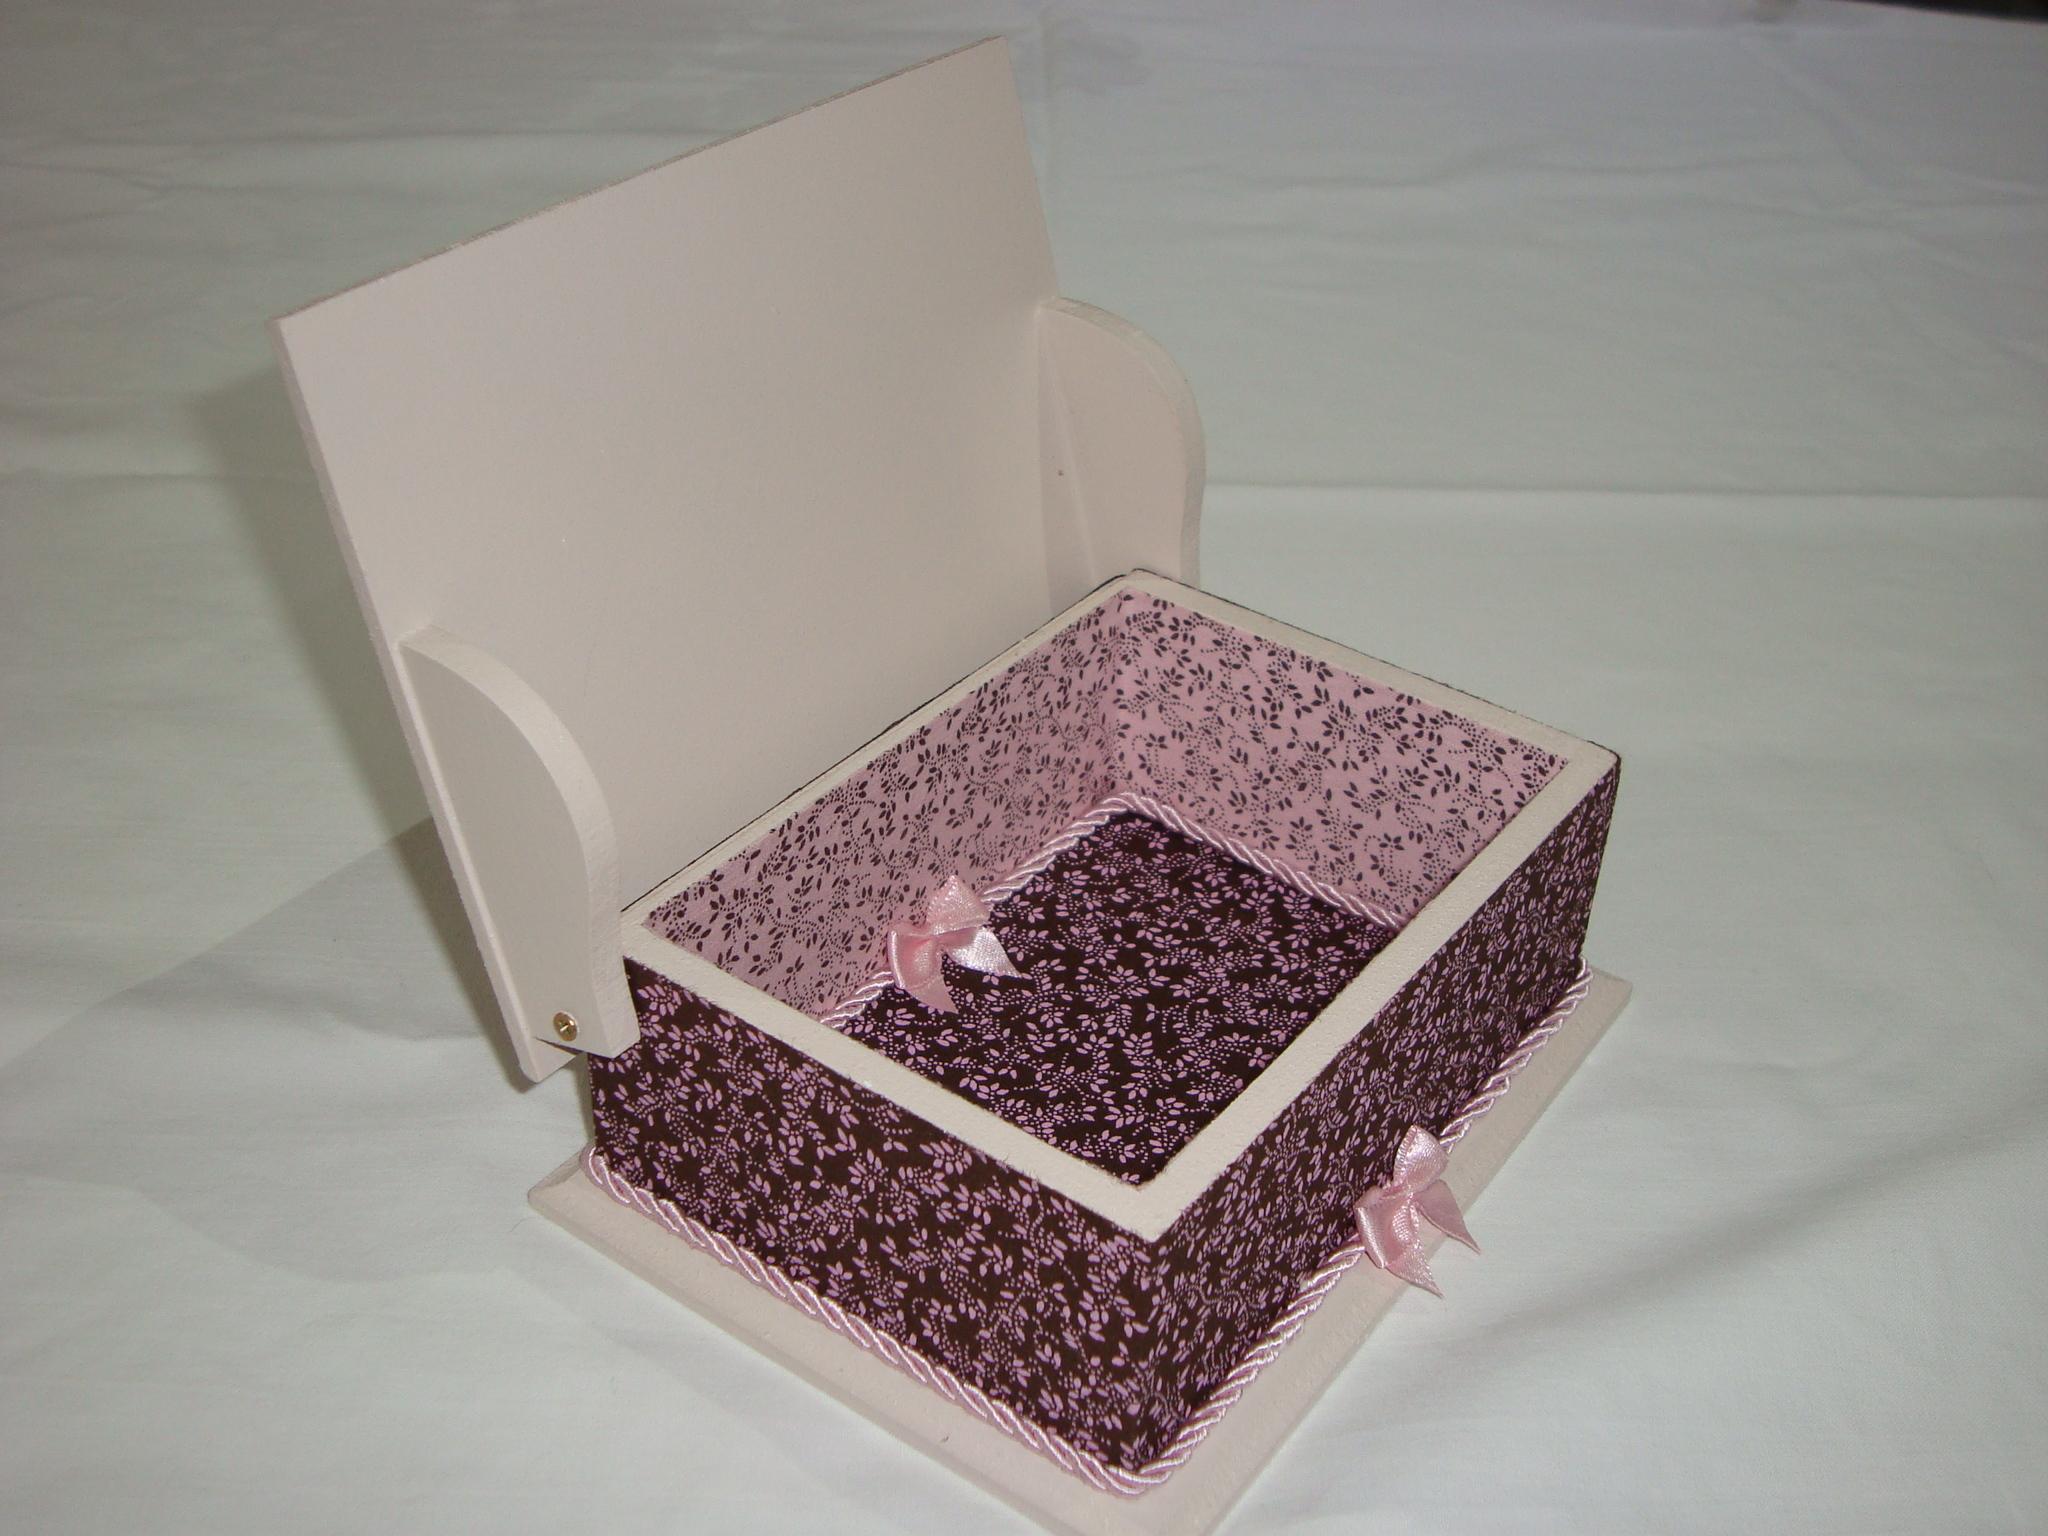 caixa de madeira decorada com tecido caixa de madeira decorada com  #3F2627 2048x1536